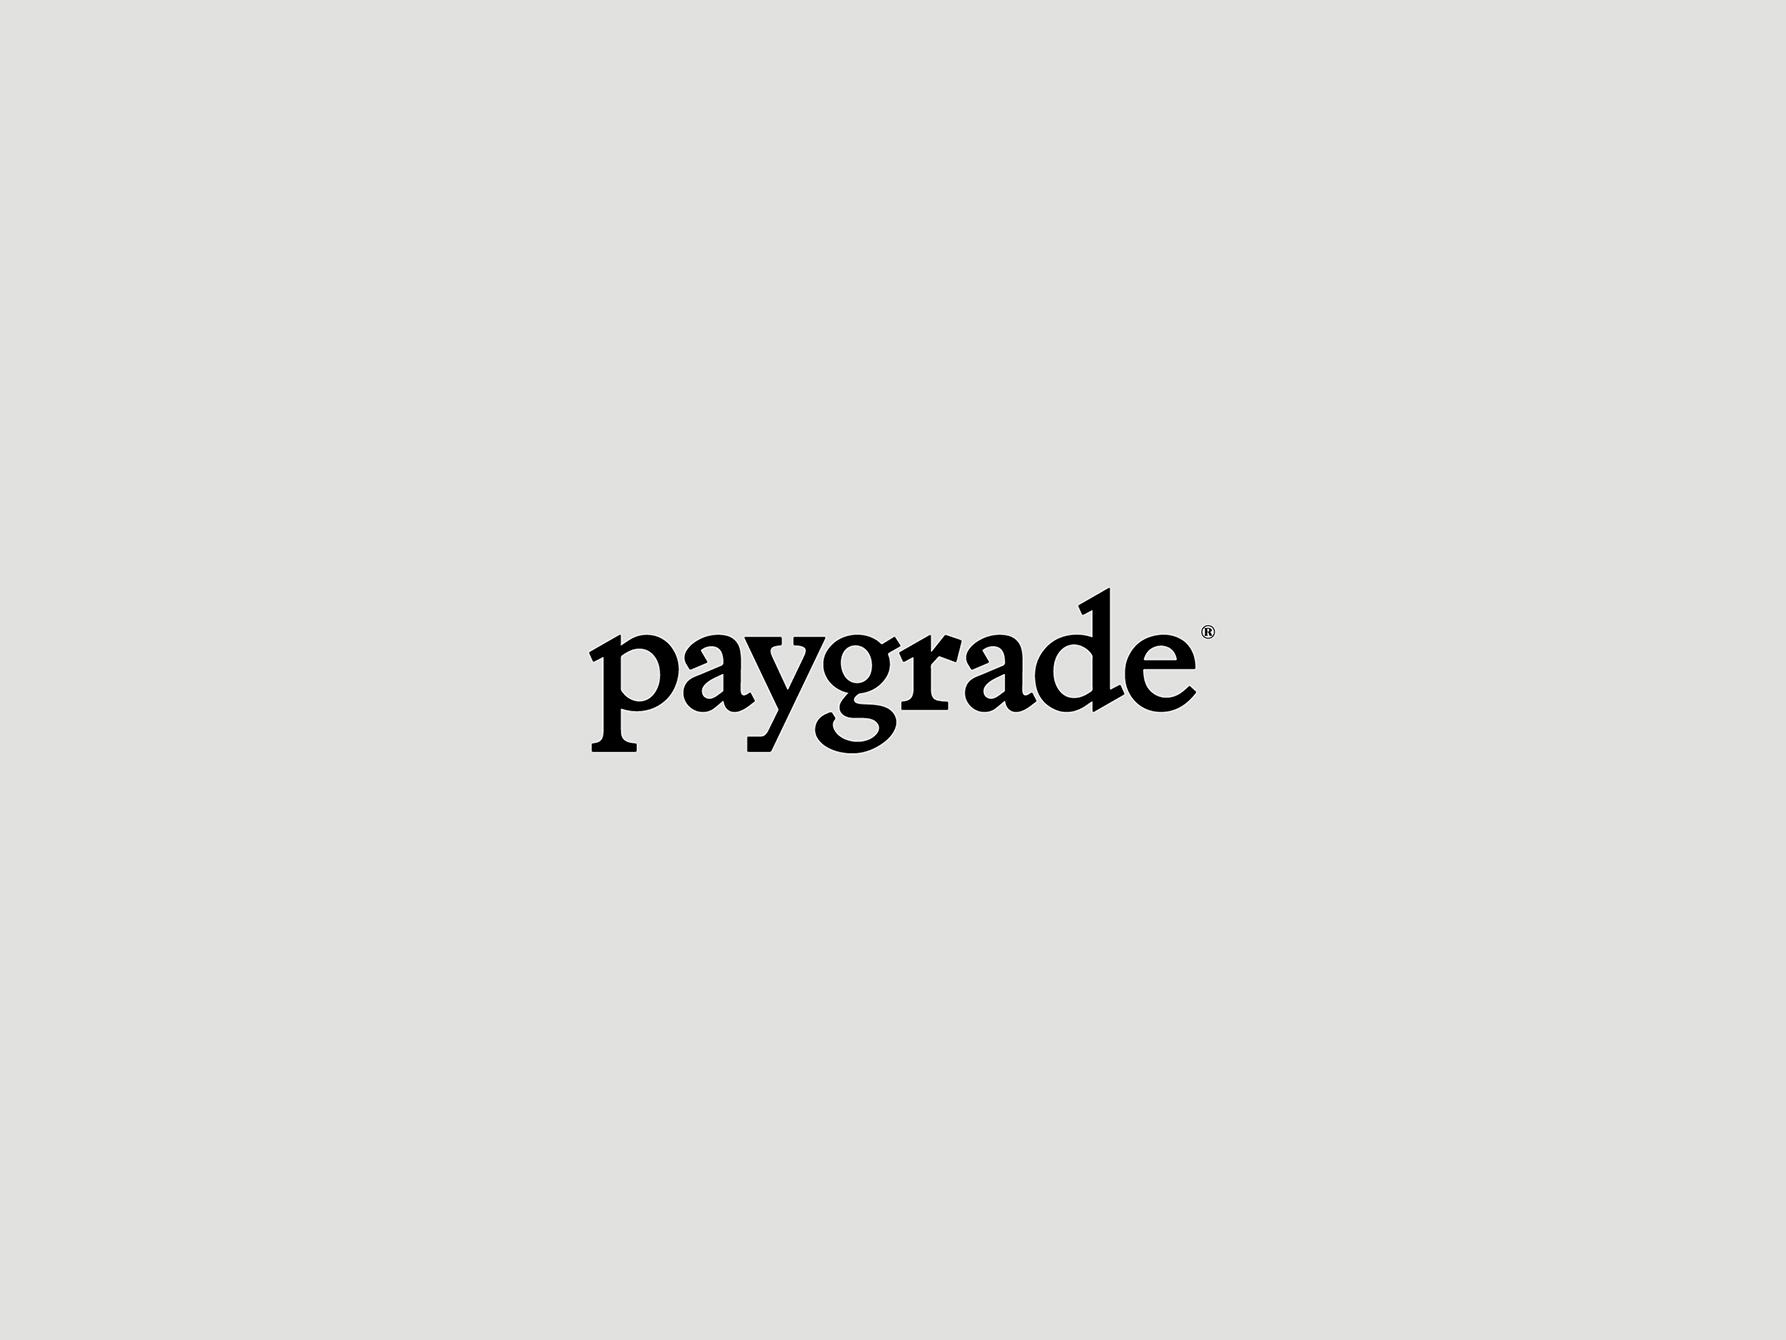 Paygrade.jpg